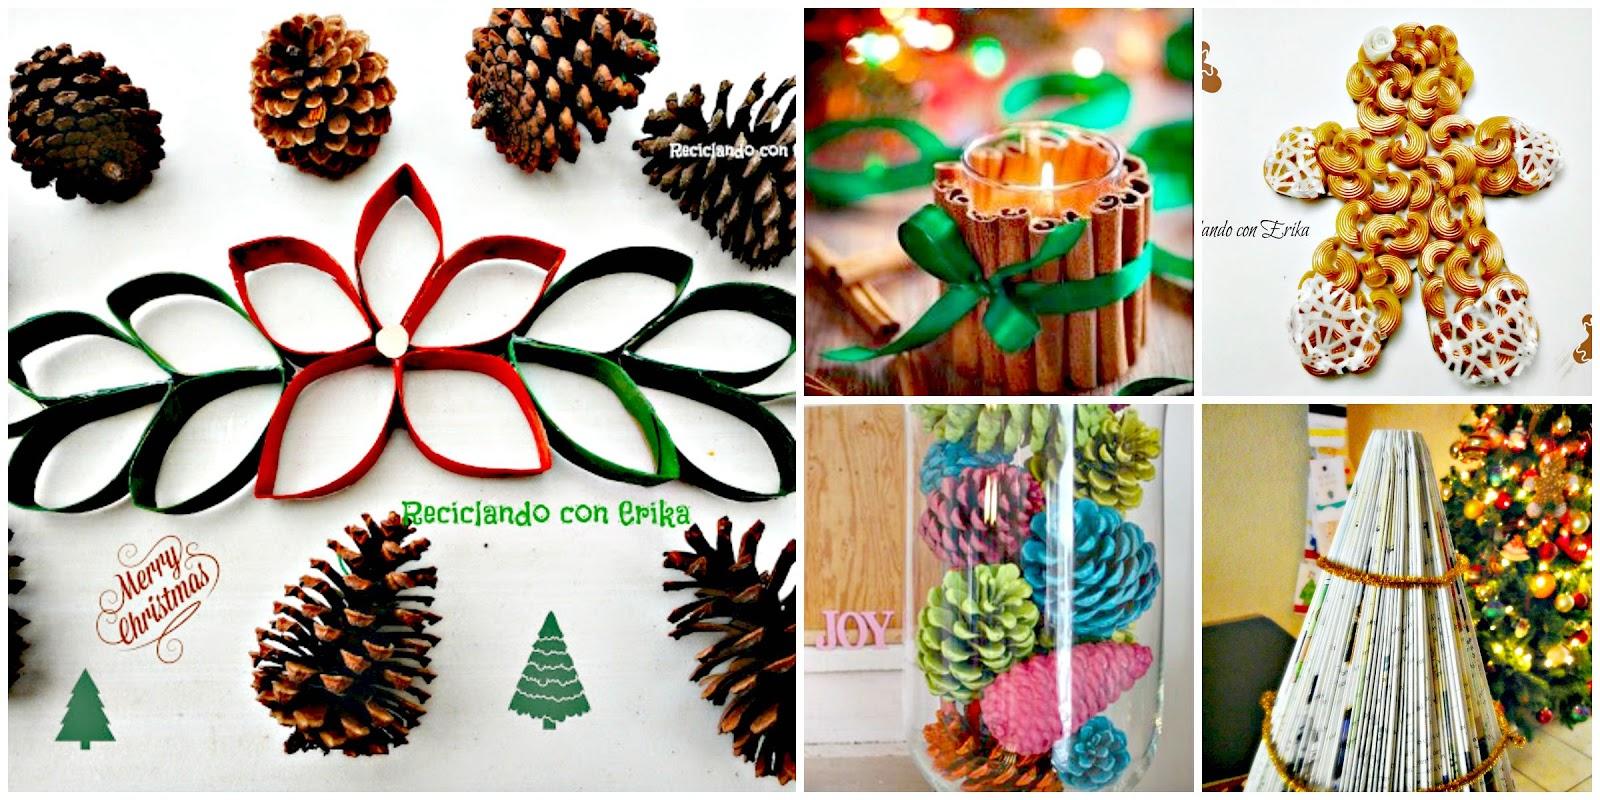 Reciclando con erika 10 ideas para navidad planea y - Como decorar reciclando ...